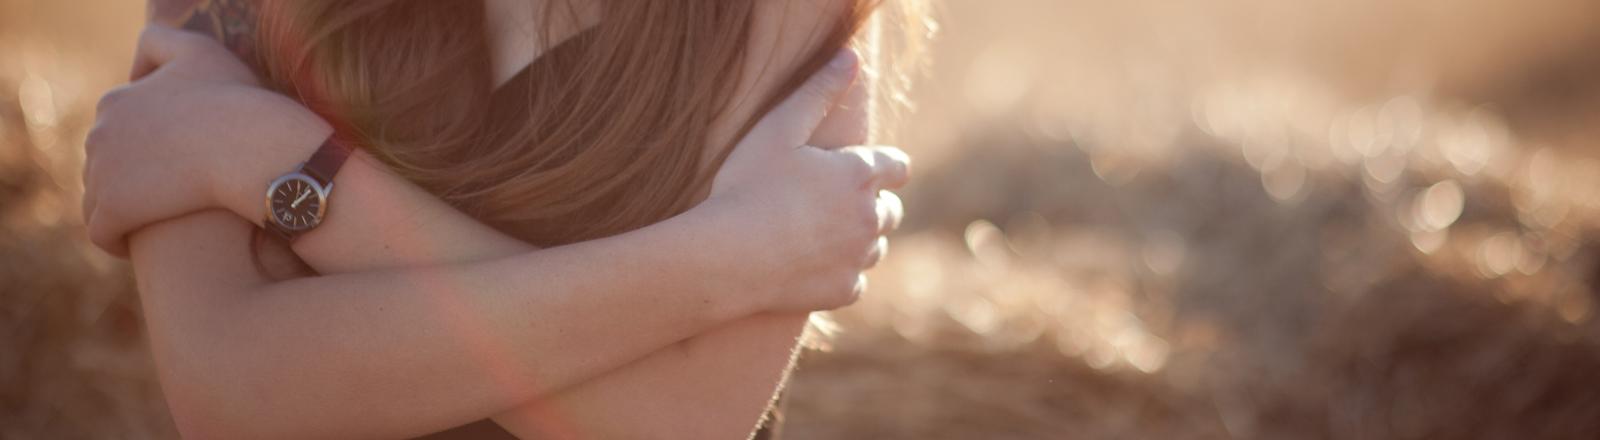 Eine junge Frau friert